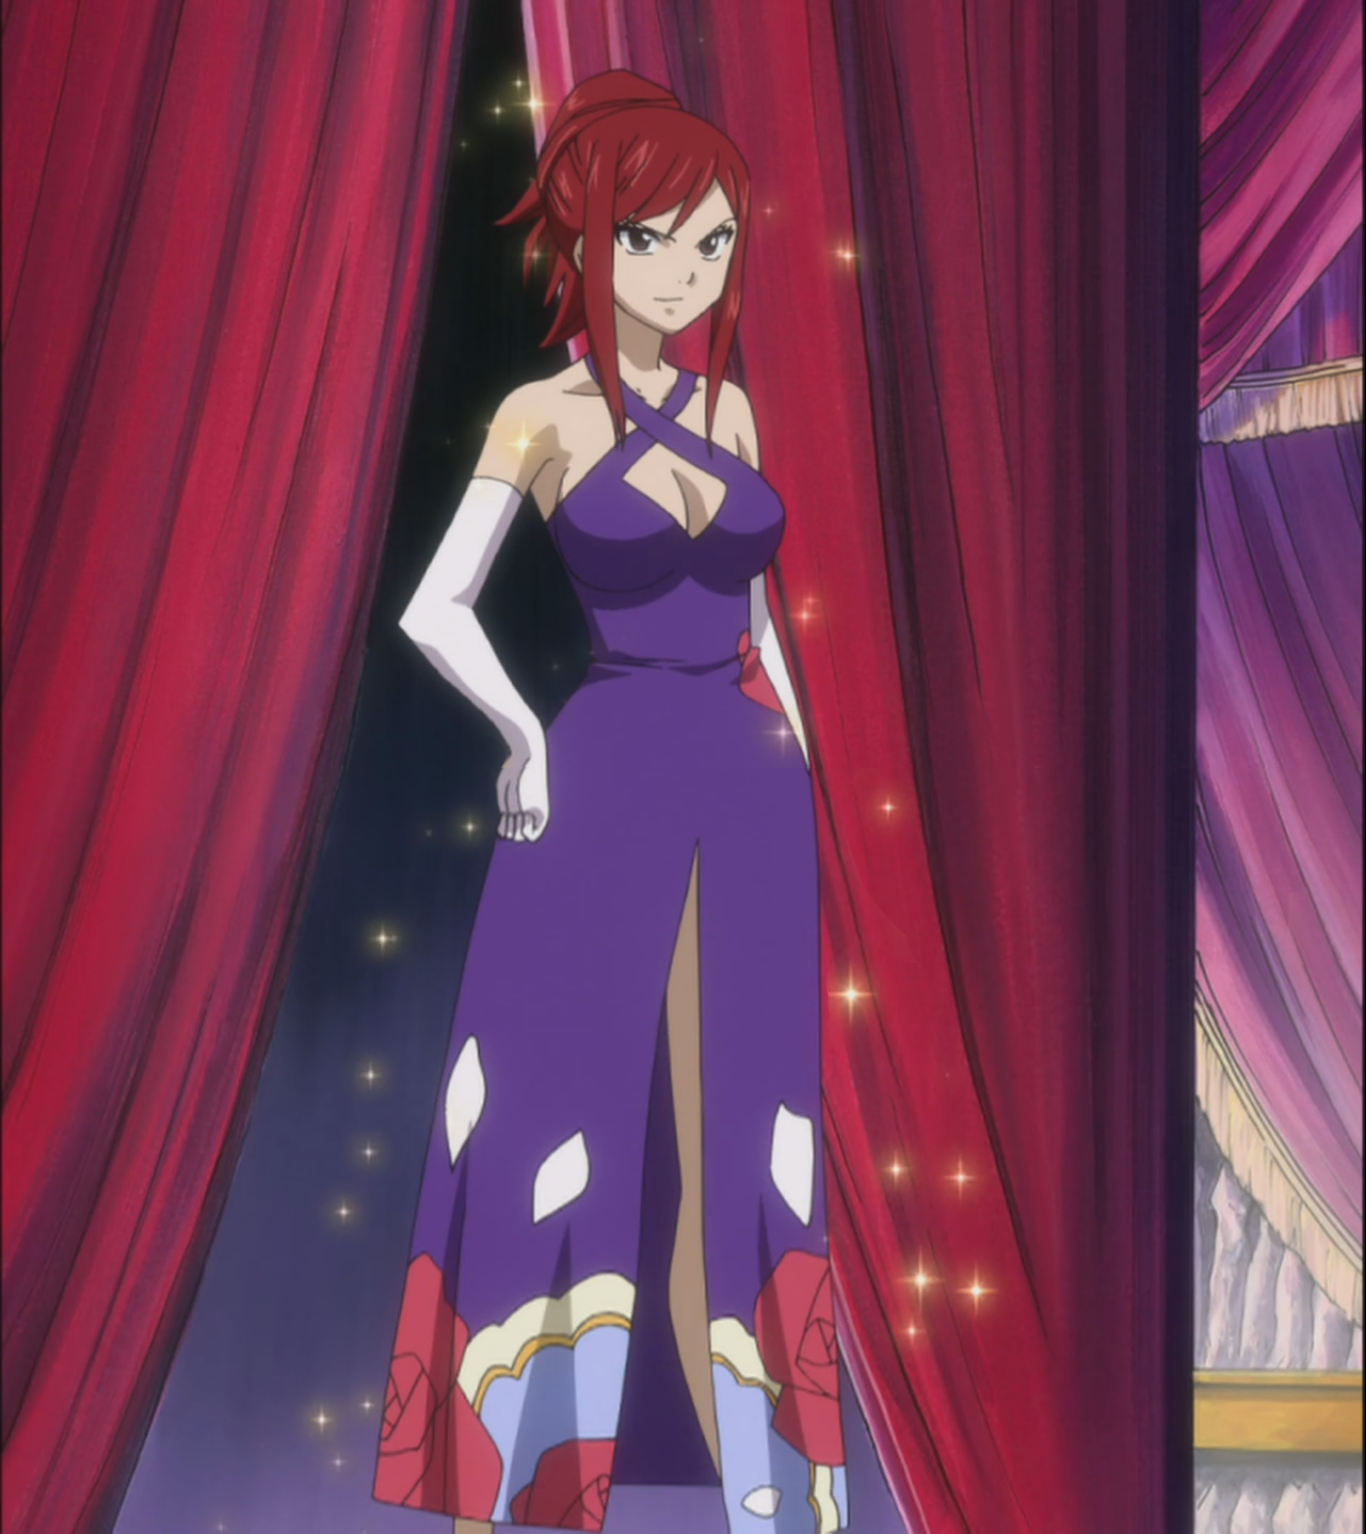 Anime Ballroom Dance - Anime